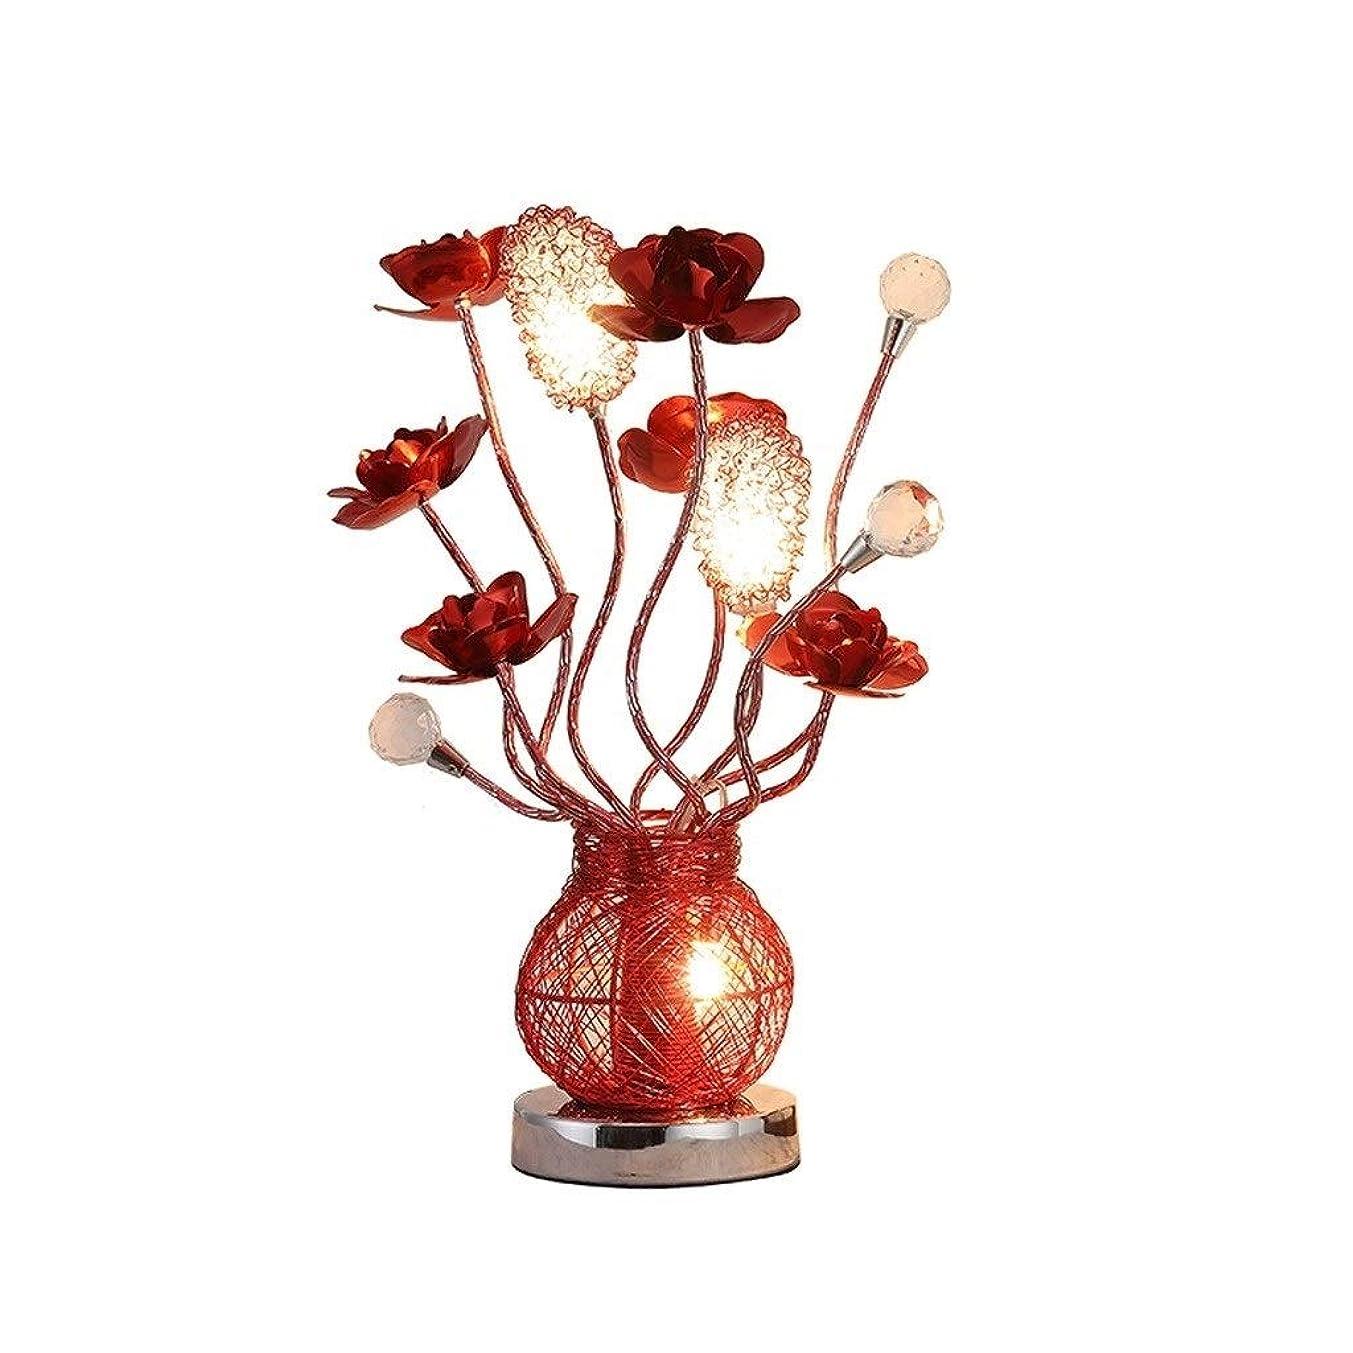 適応的おなじみの仲間高品質テーブルランプ 創造的な寝室のベッドサイドクリスタルテーブルランプヨーロッパの赤いバラのギフトLEDナイトライト エネルギーを節約